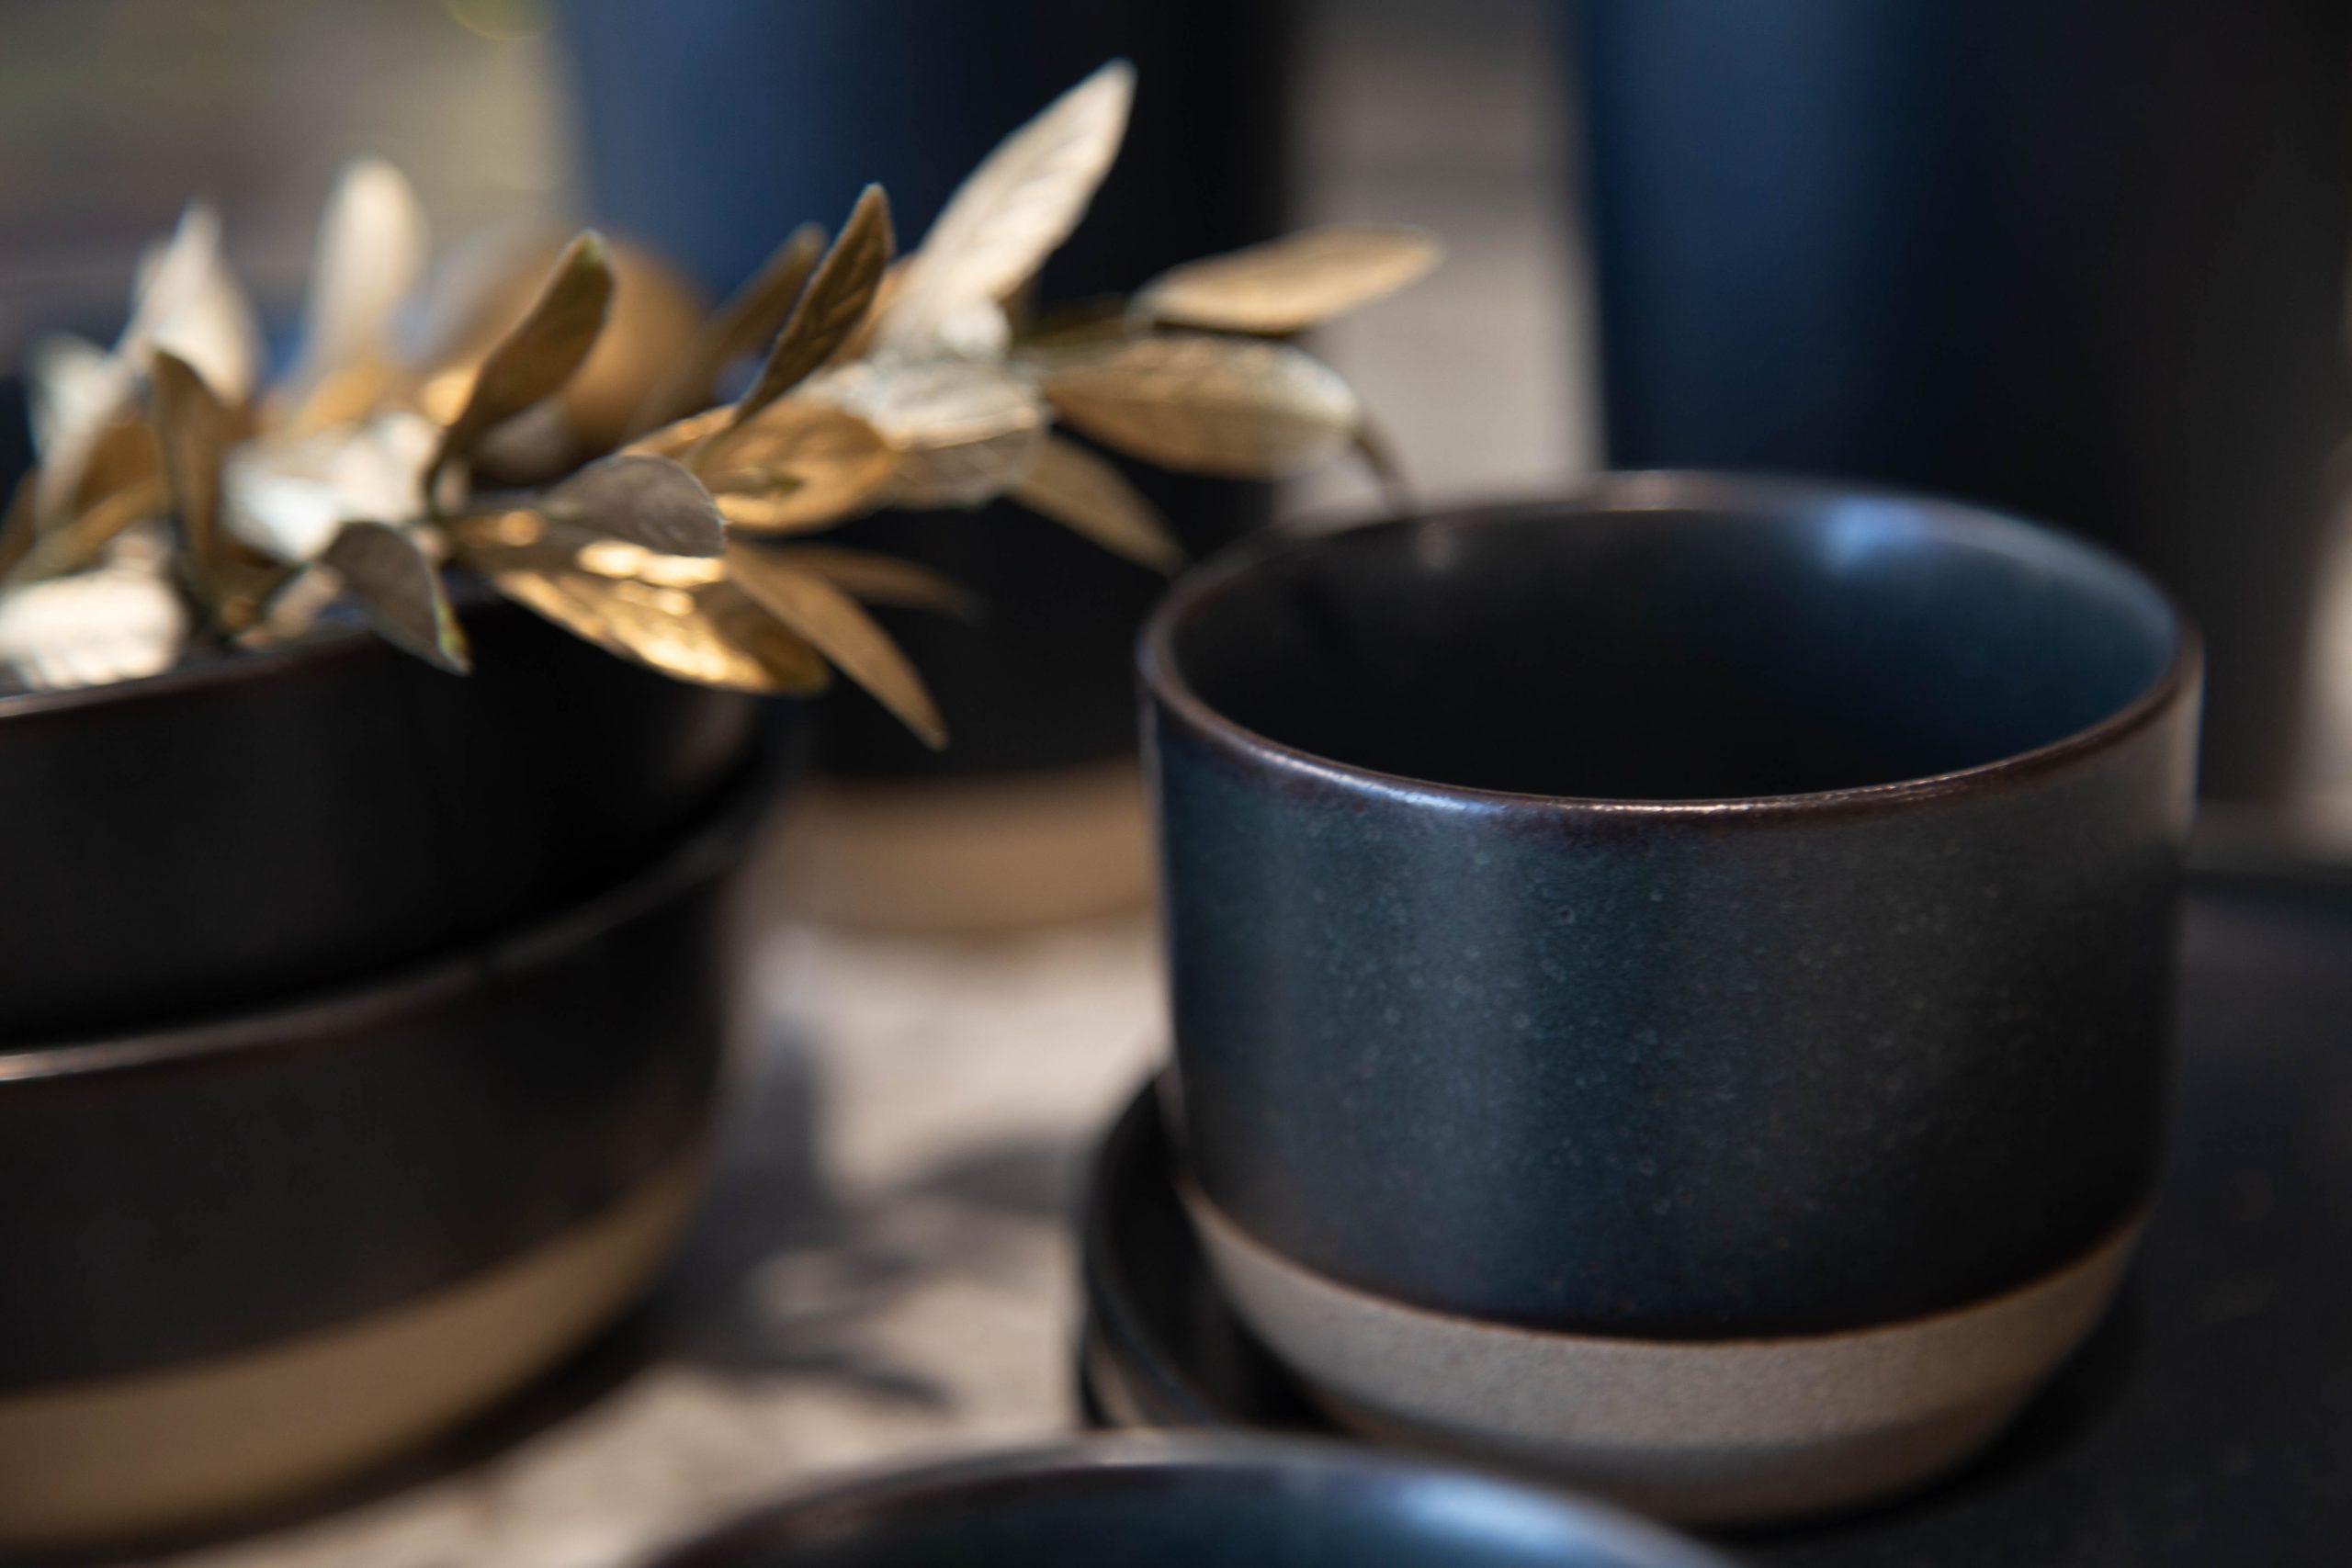 Platos para decorar la mesa de Navidad con hojas doradas